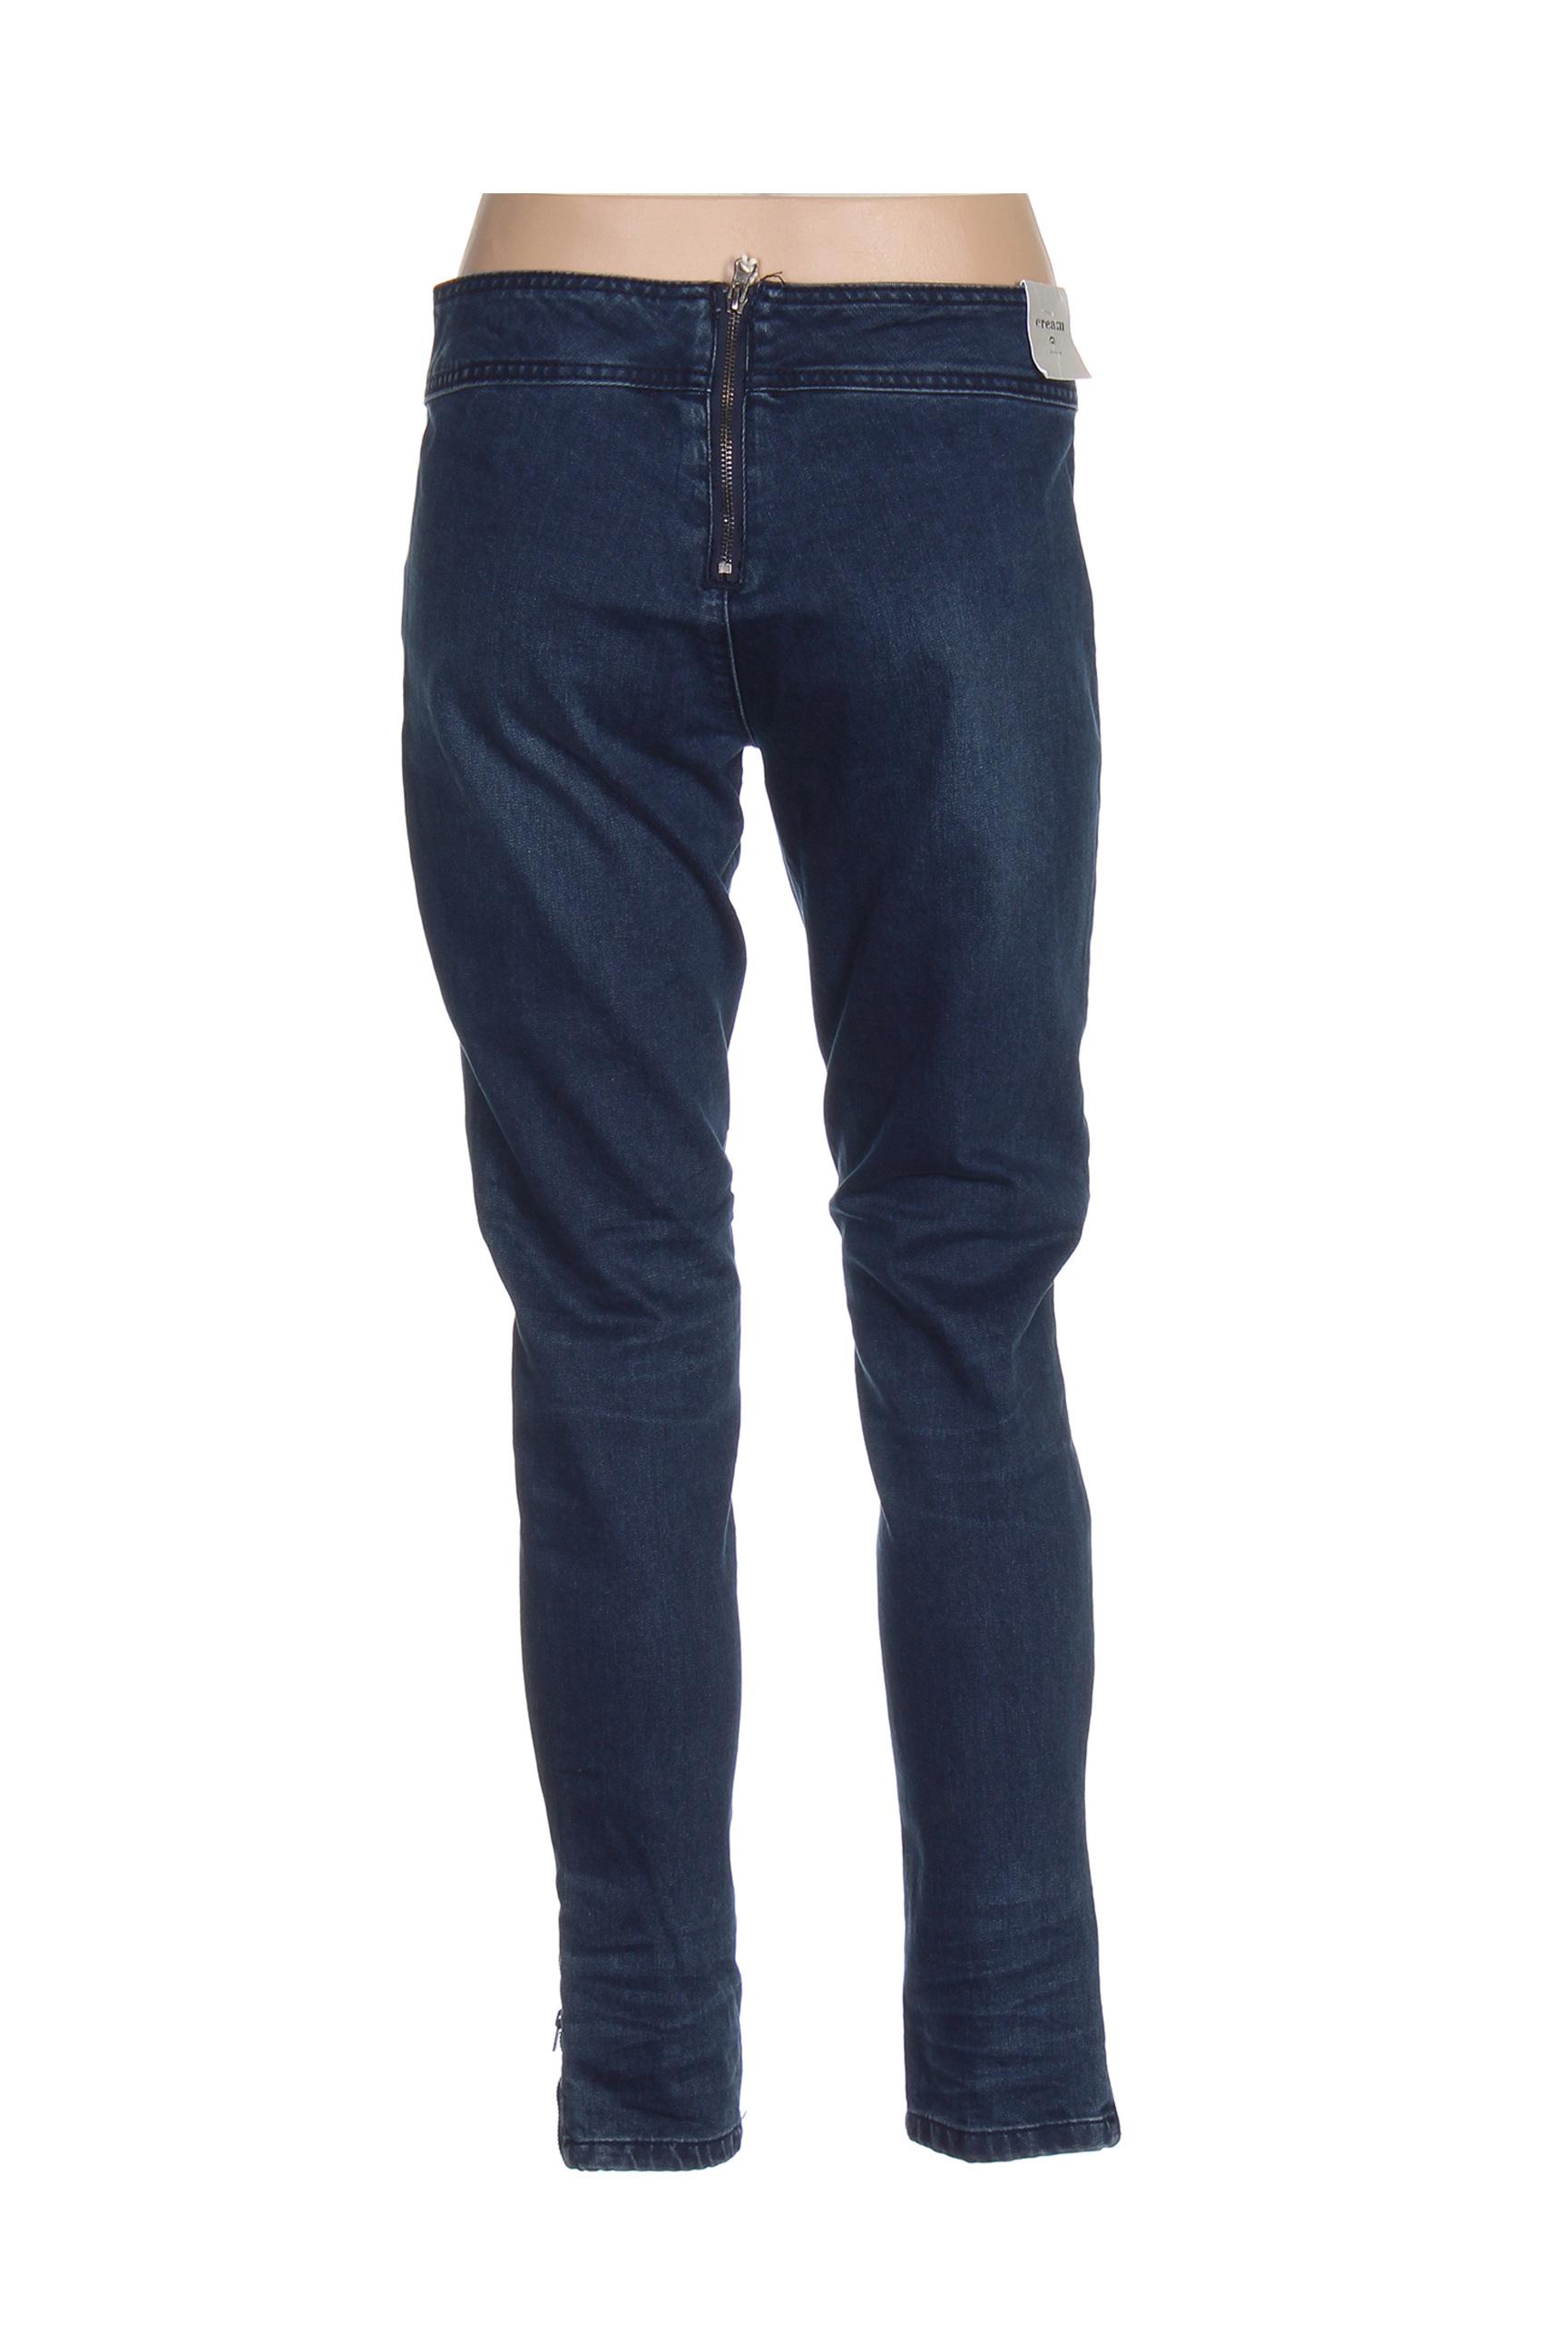 Cream Jeans Coupe Slim Femme De Couleur Bleu En Soldes Pas Cher 1421201-bleu00